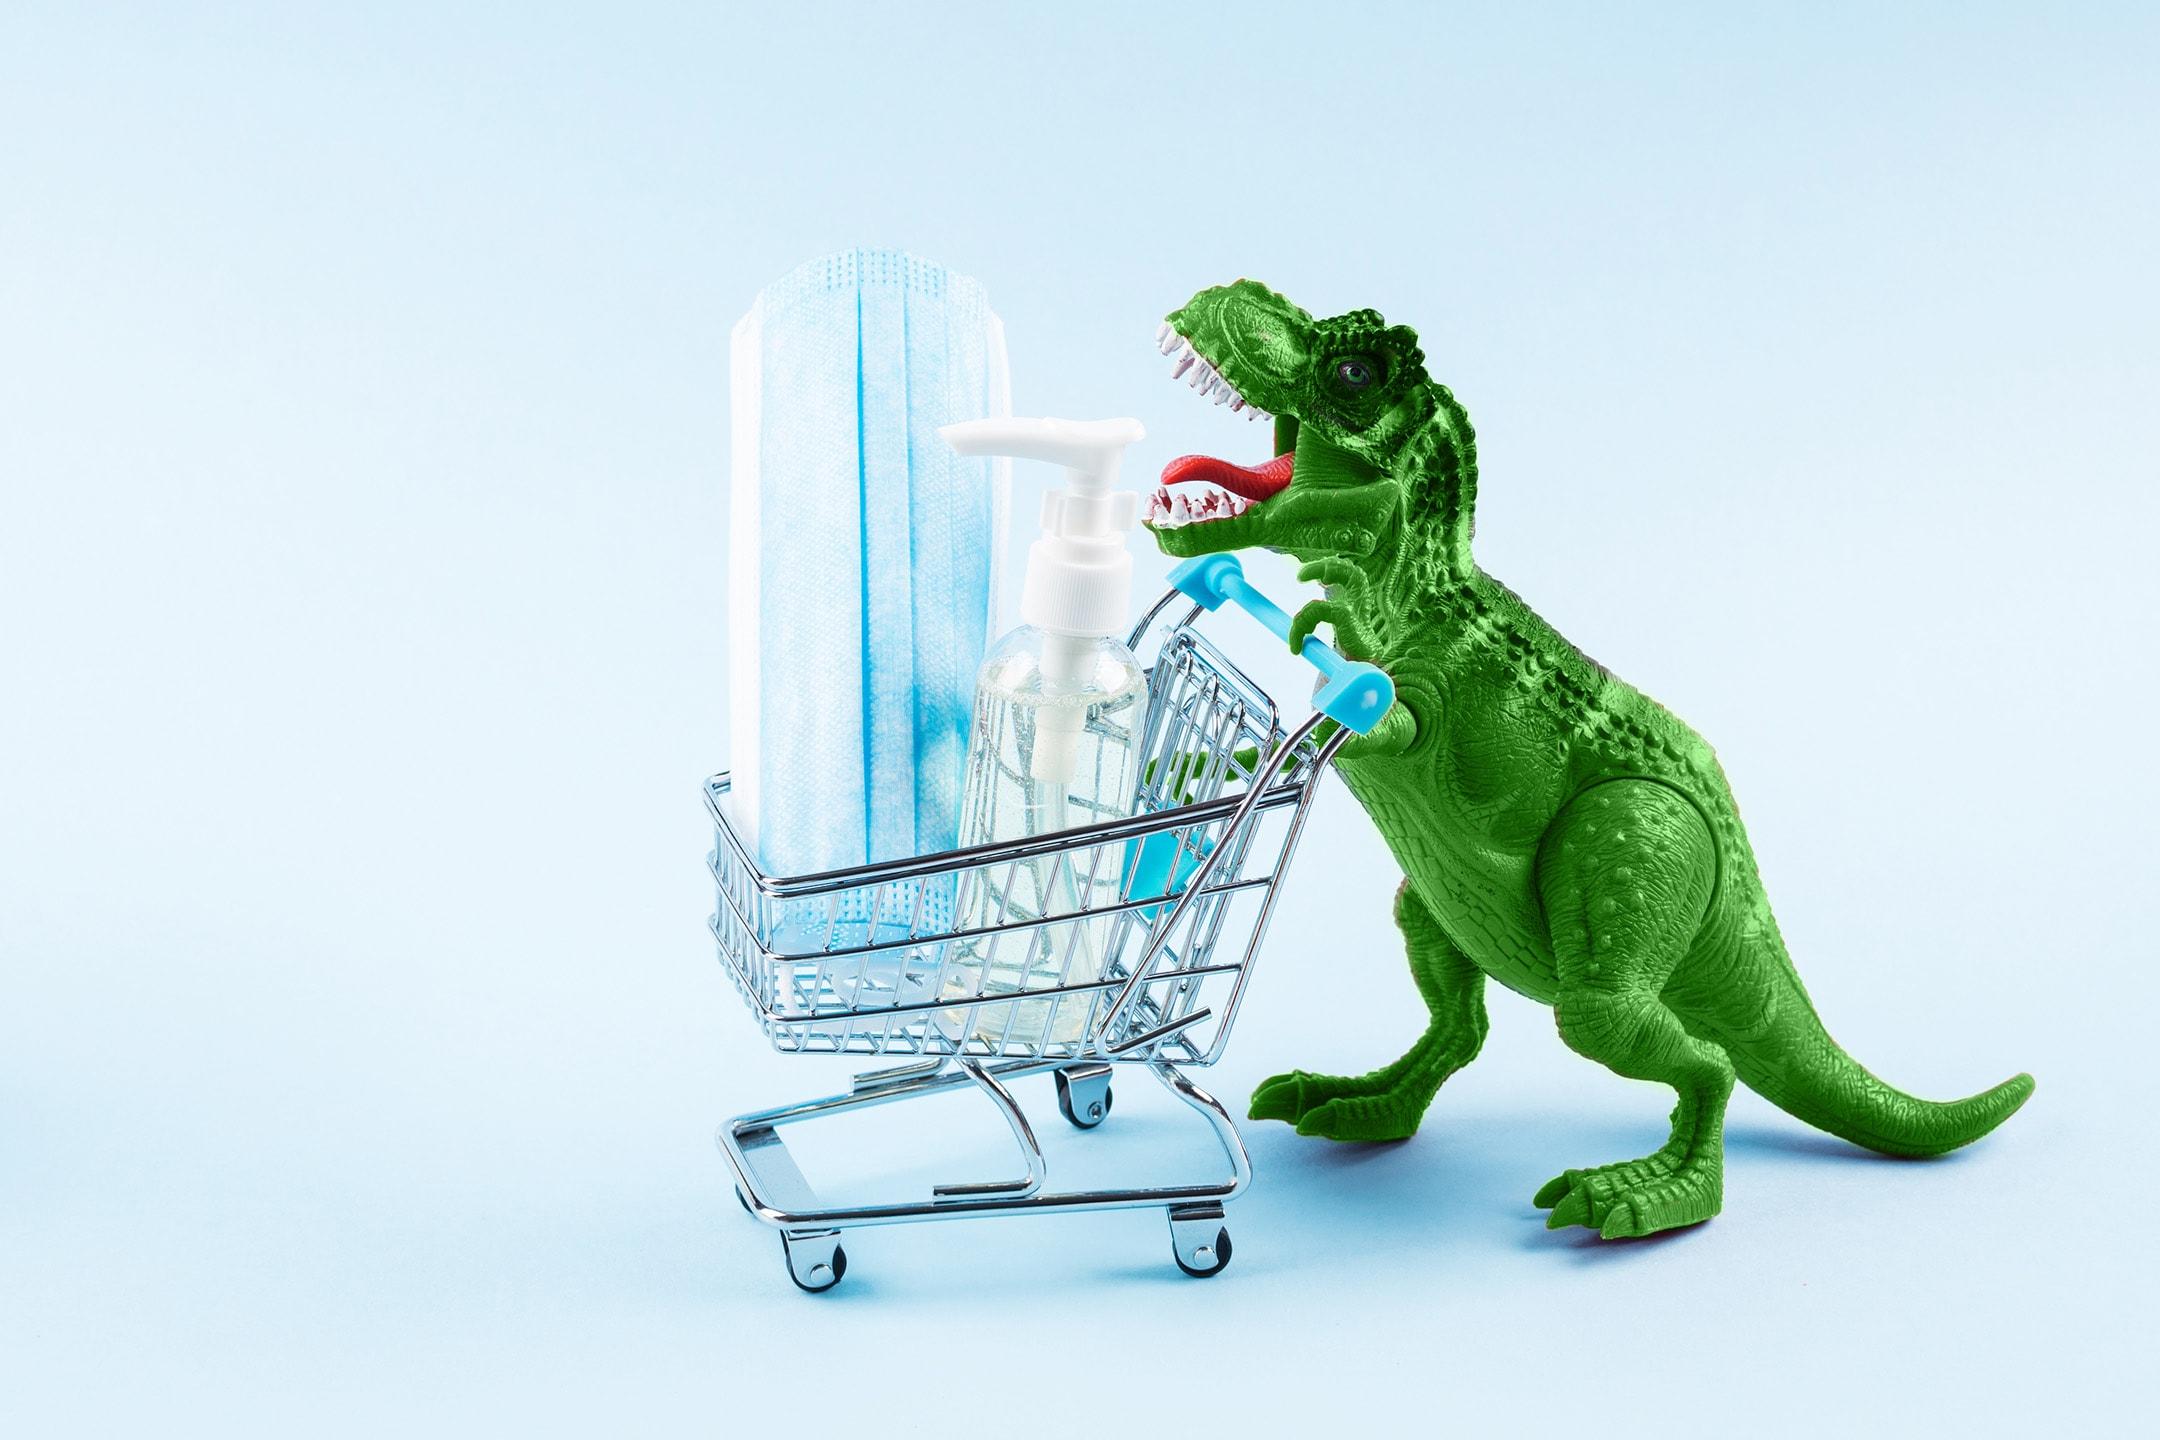 Dinosaurio de juguete verde empujando el carrito de la compra que contiene desinfectante para manos y mascarilla